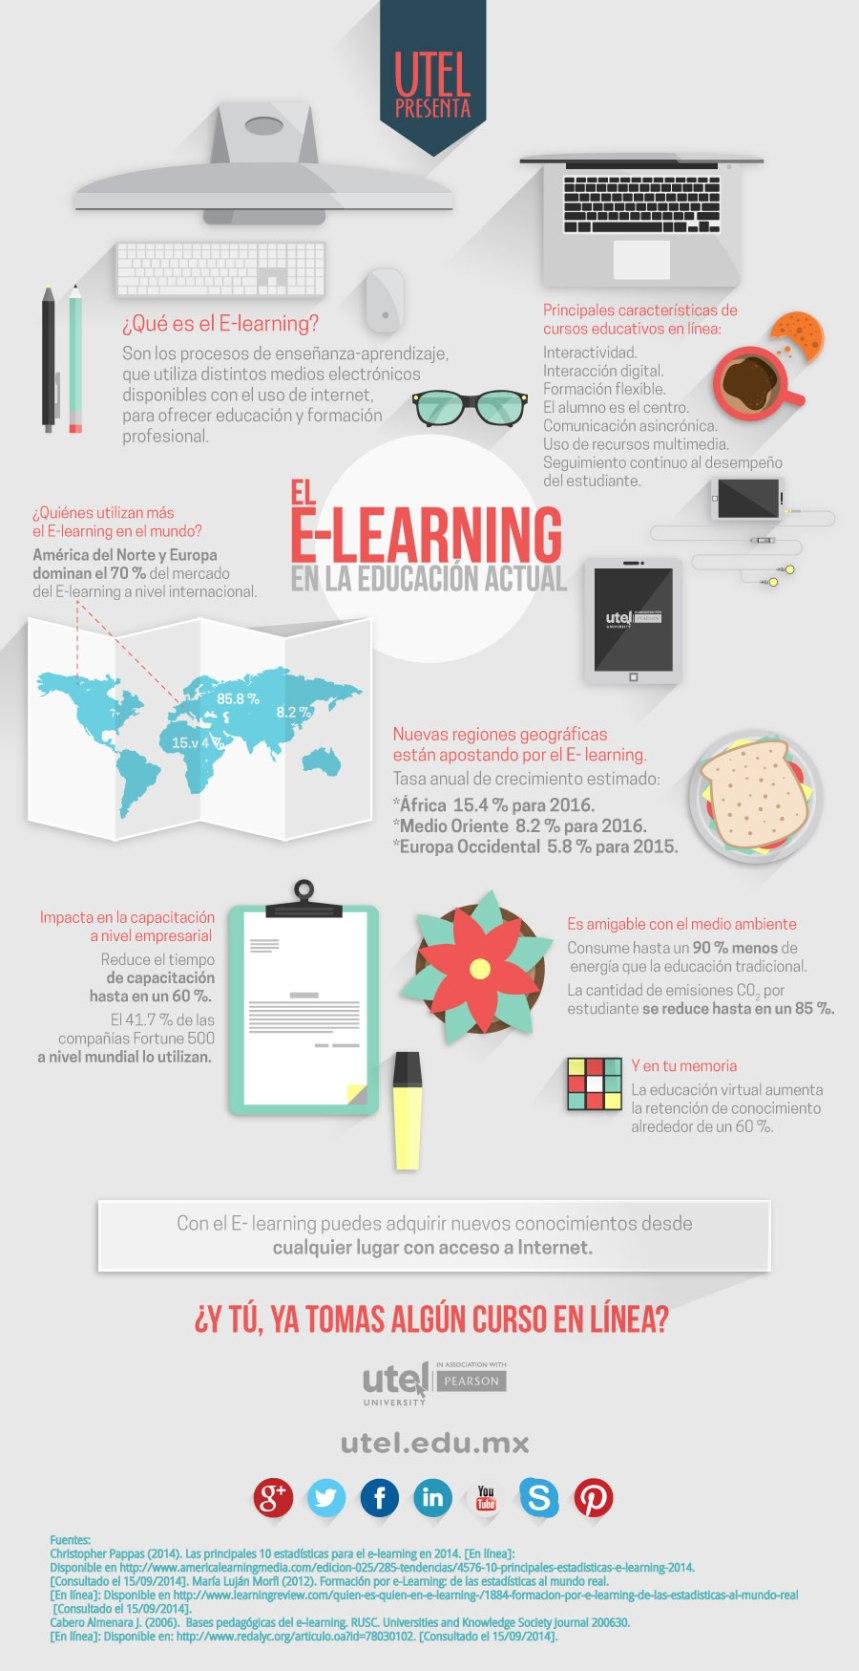 El eLearning en la educación actual